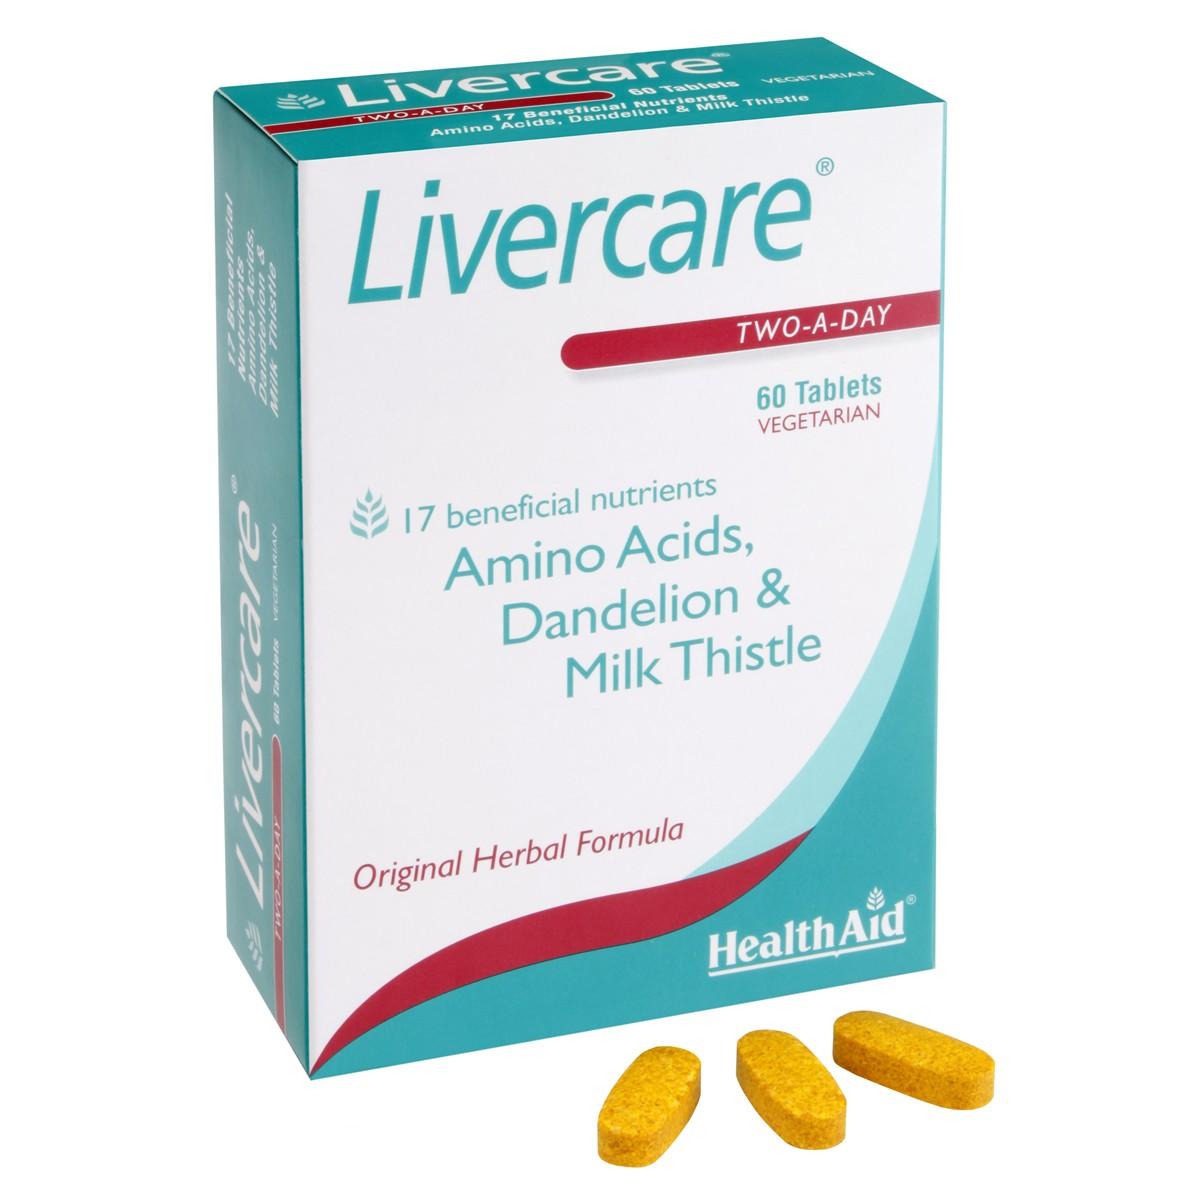 HealthAid Livercare Blister Pack